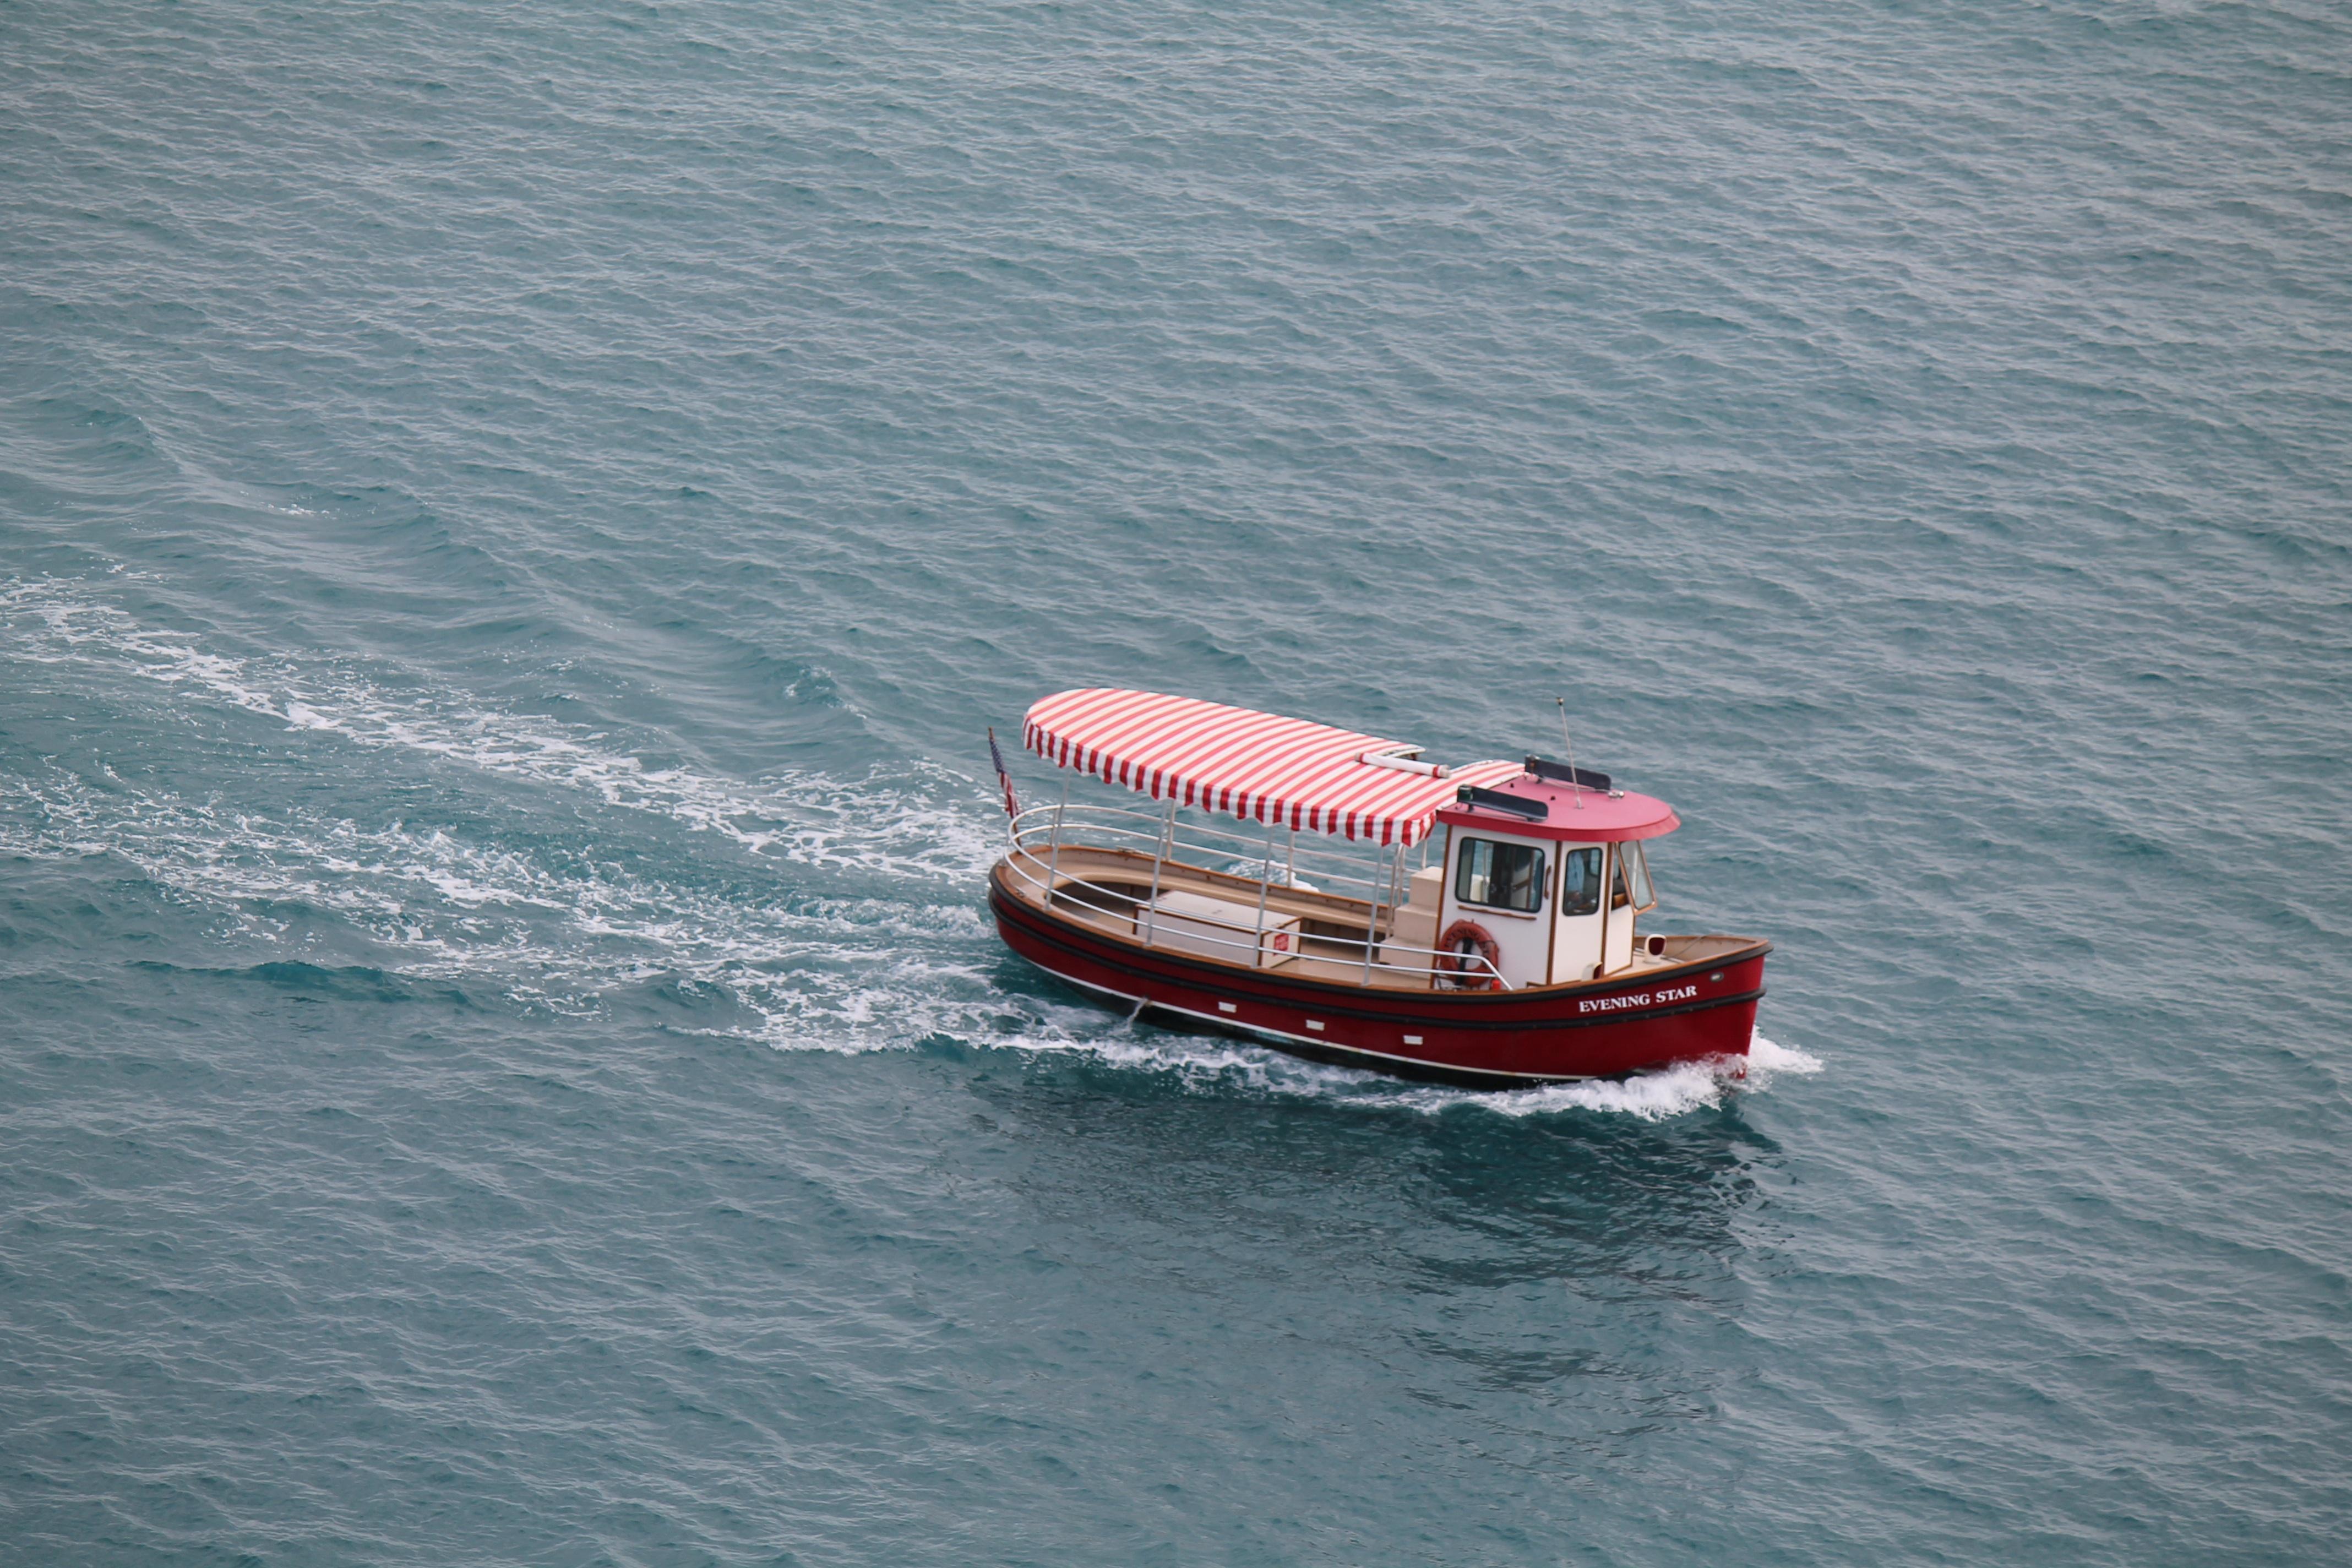 images gratuites mer navire v hicule cargo traversier canal golfe motomarine bateau. Black Bedroom Furniture Sets. Home Design Ideas